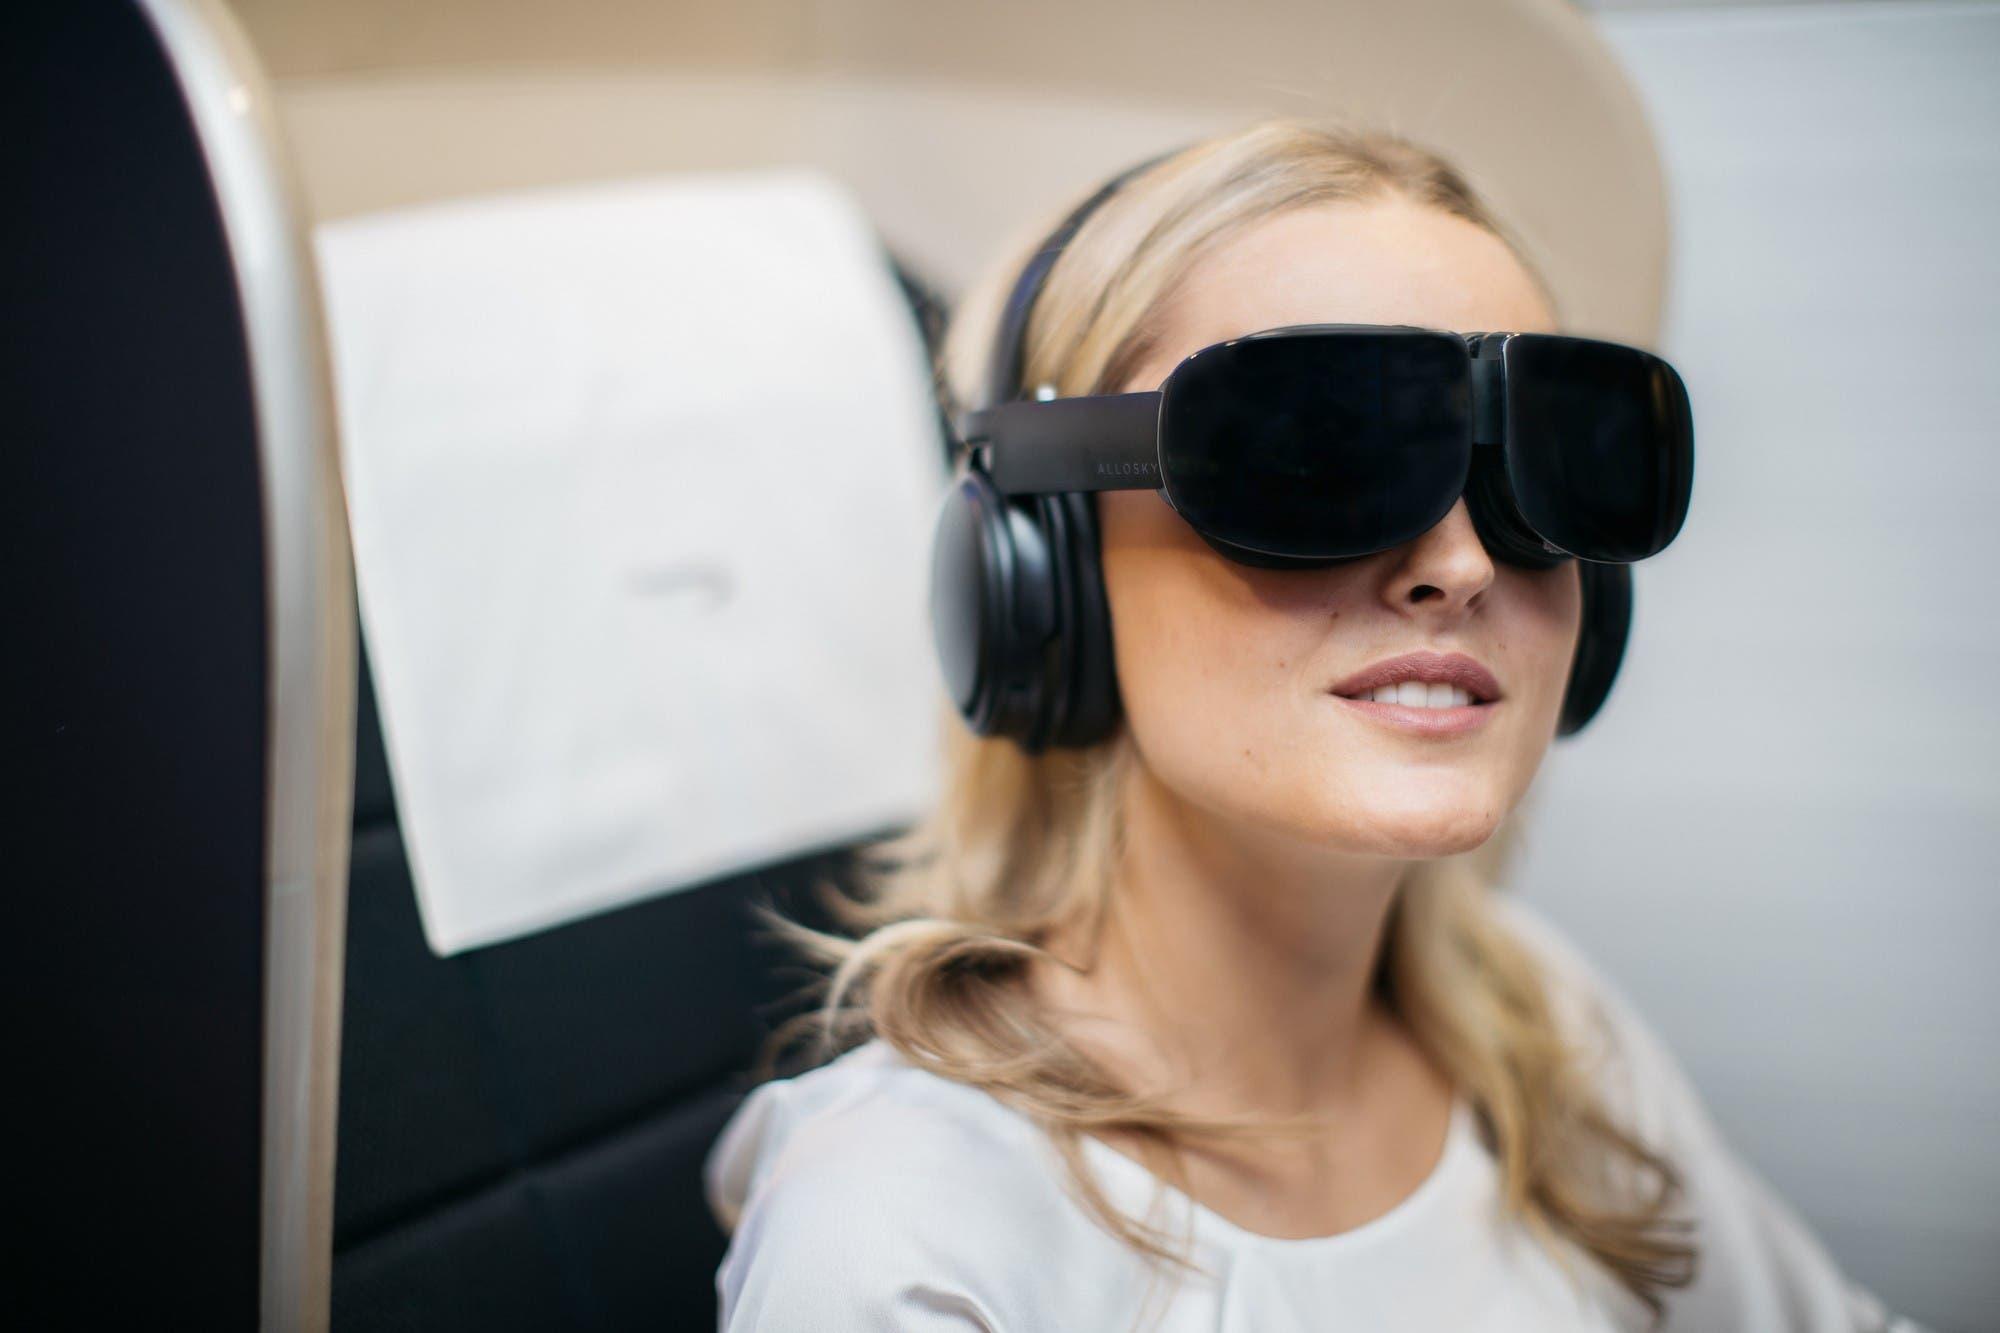 British Airways comenzará a ofrecer visores de realidad virtual en sus vuelos